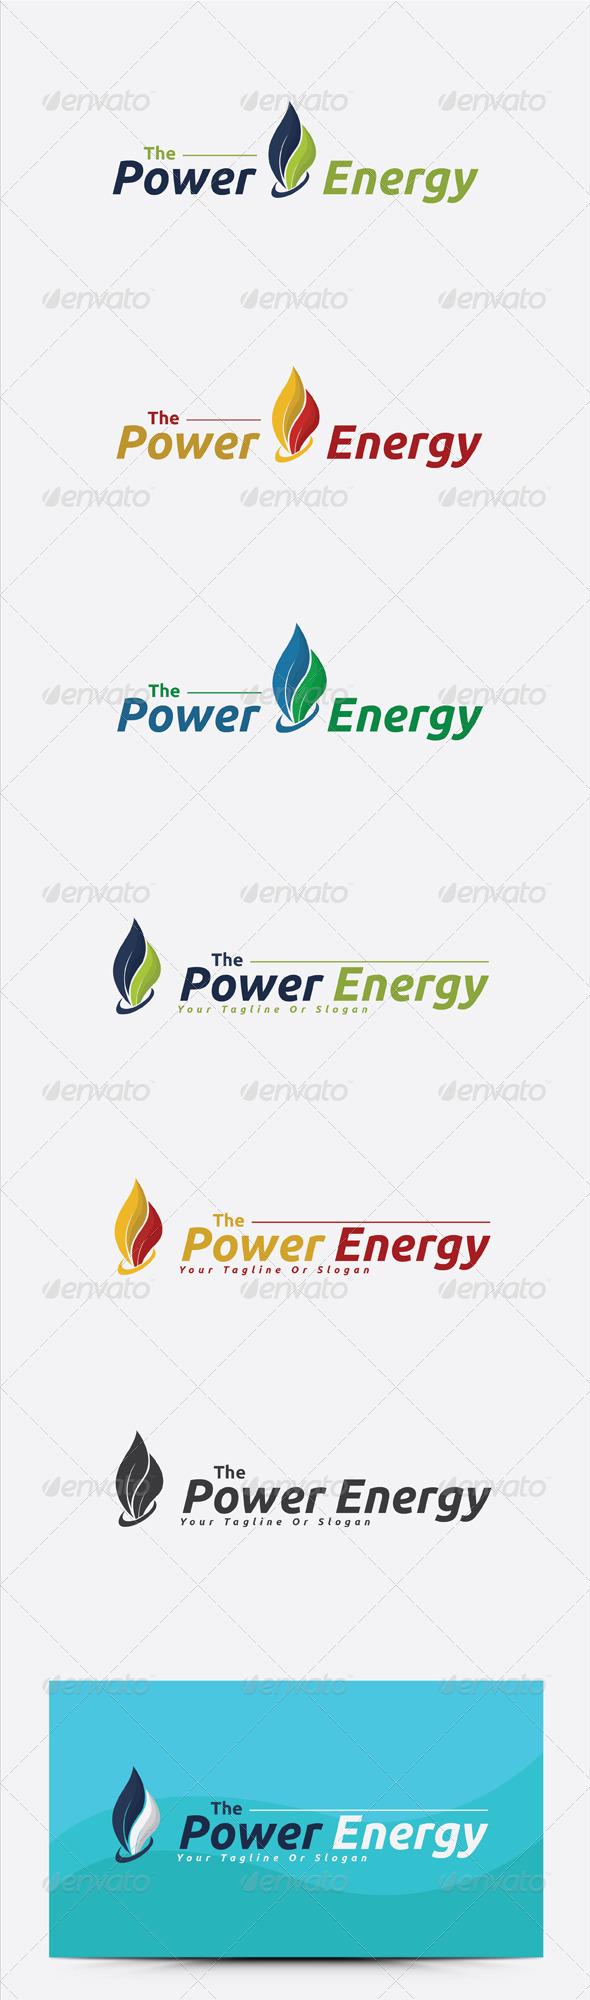 GraphicRiver Power Energy Logo Template 6375996